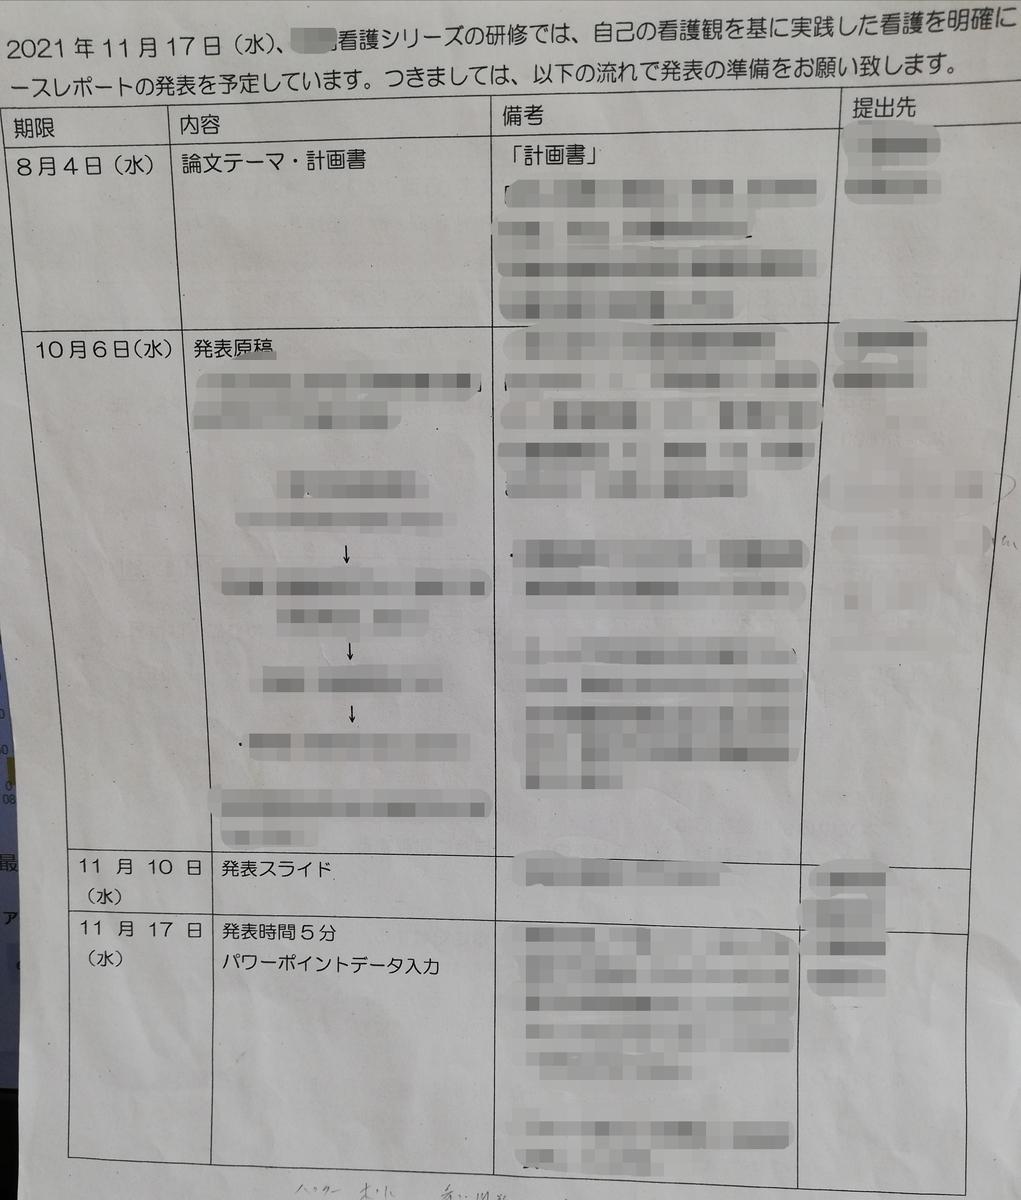 f:id:hunnwariyuki:20210831154541j:plain